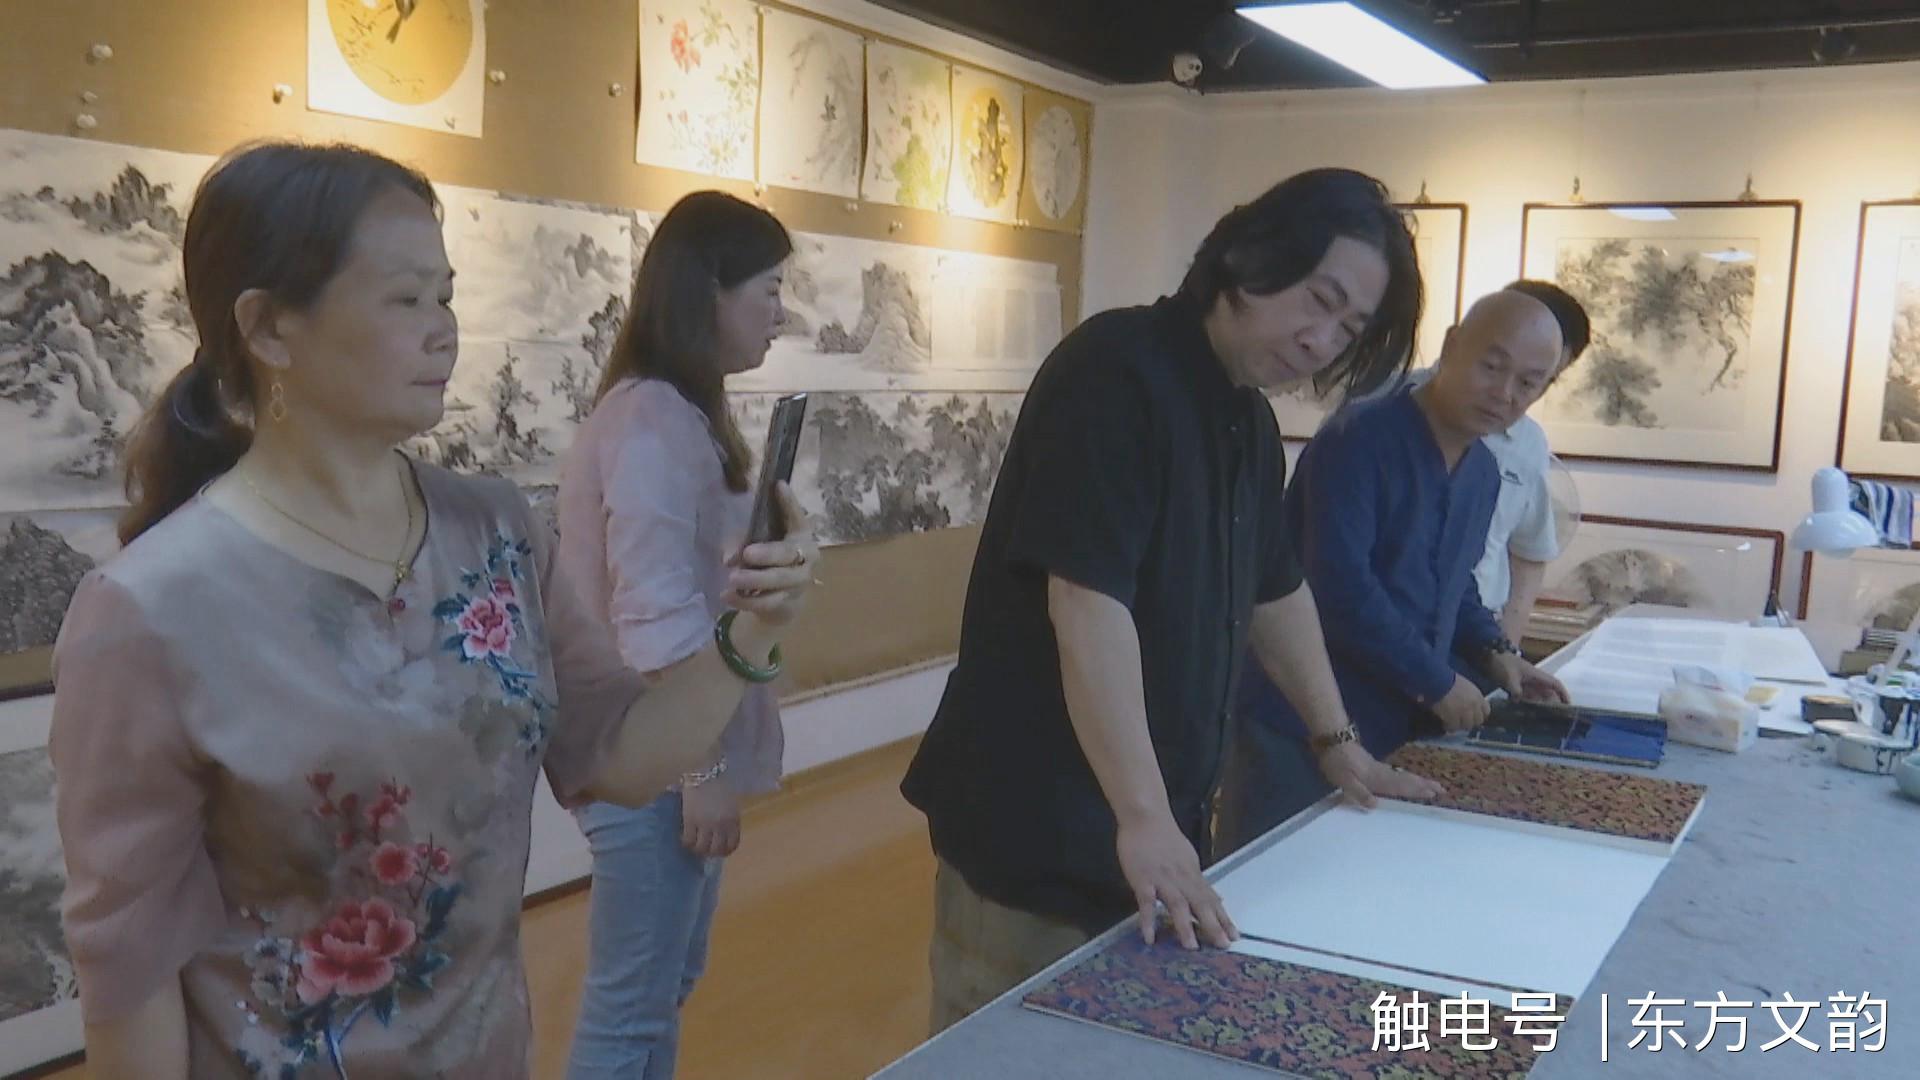 台湾艺术家与画家刘瑞京先生做艺术交流